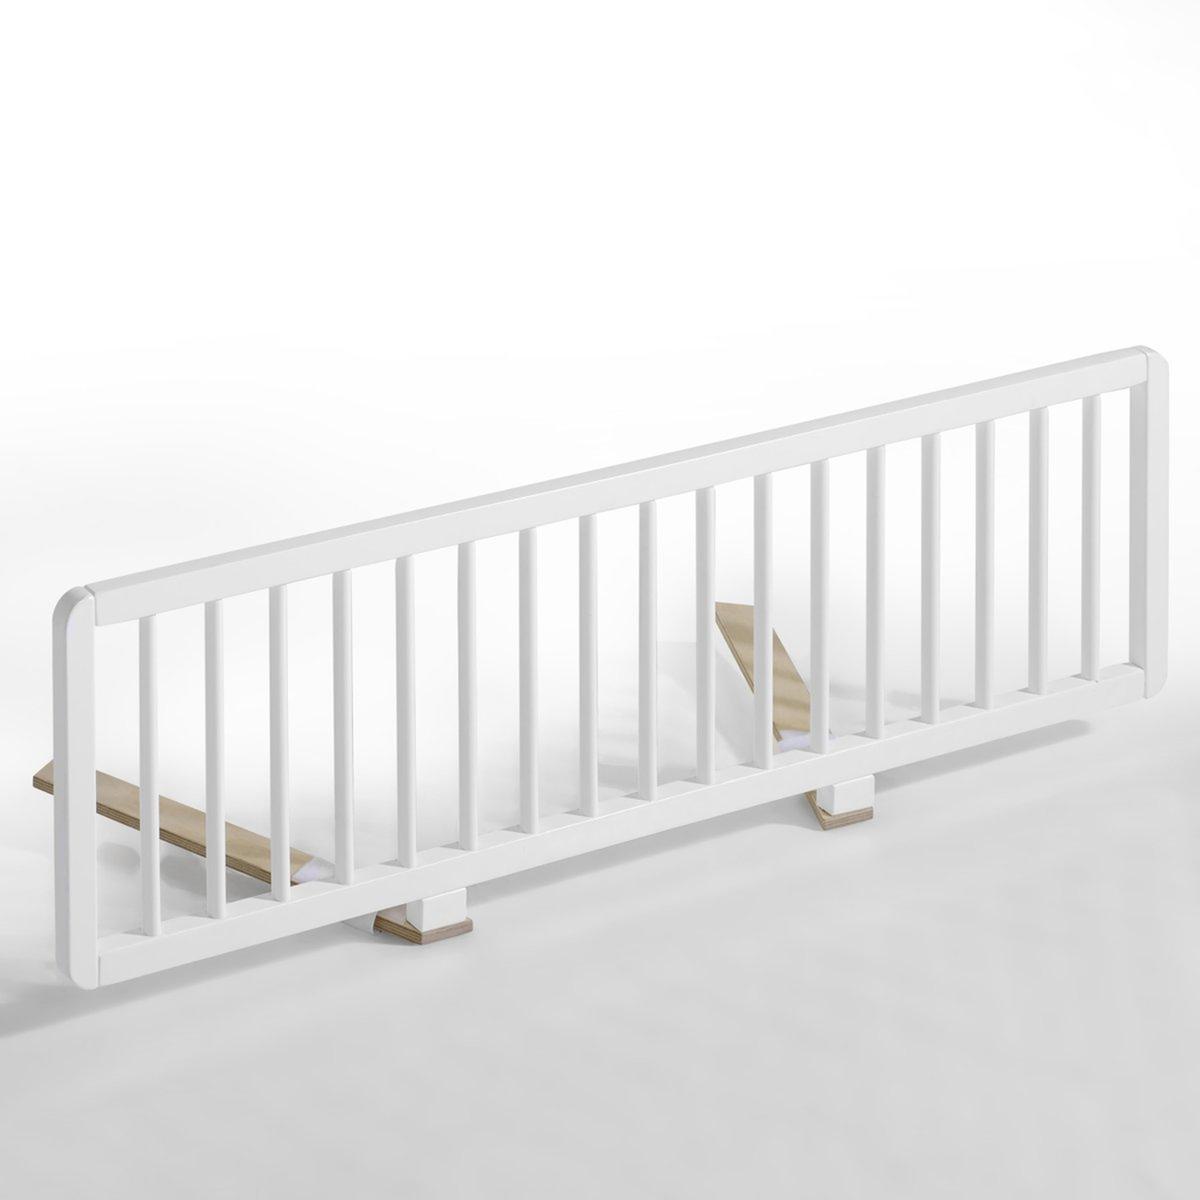 Ограждение для кровати, TellieОграждение для кровати Tellie незаменимо для того, чтобы избежать падения, размещается между матрасом и основанием кровати (подходит для всех типов оснований: решетчатых или панельных). Простое и быстрое крепление. Описание ограждения для кровати, Tellie:Ультракомпактное, просто устанавливается и не занимает много места .  Характеристики ограждения для кровати, Tellie:Каркас из бука, решетка с содержанием бука, покрытие из белого лака  .Найдите всю коллекцию Tellie на нашем сайте. Размеры ограждения для кровати, Tellie :Длина: 125 смВысота: 38 смРазмер и вес с упаковкой1 упаковка130 x 8 x 35 см 7 кгДоставка на домОграждение для кровати Tellie продается готовым к сборке!Ваш товар будет доставлен по назначению, прямо на этажВнимание! Пожалуйста, убедитесь, что упаковка пройдет через проемы (двери, лестницы, лифты)<br><br>Цвет: белый